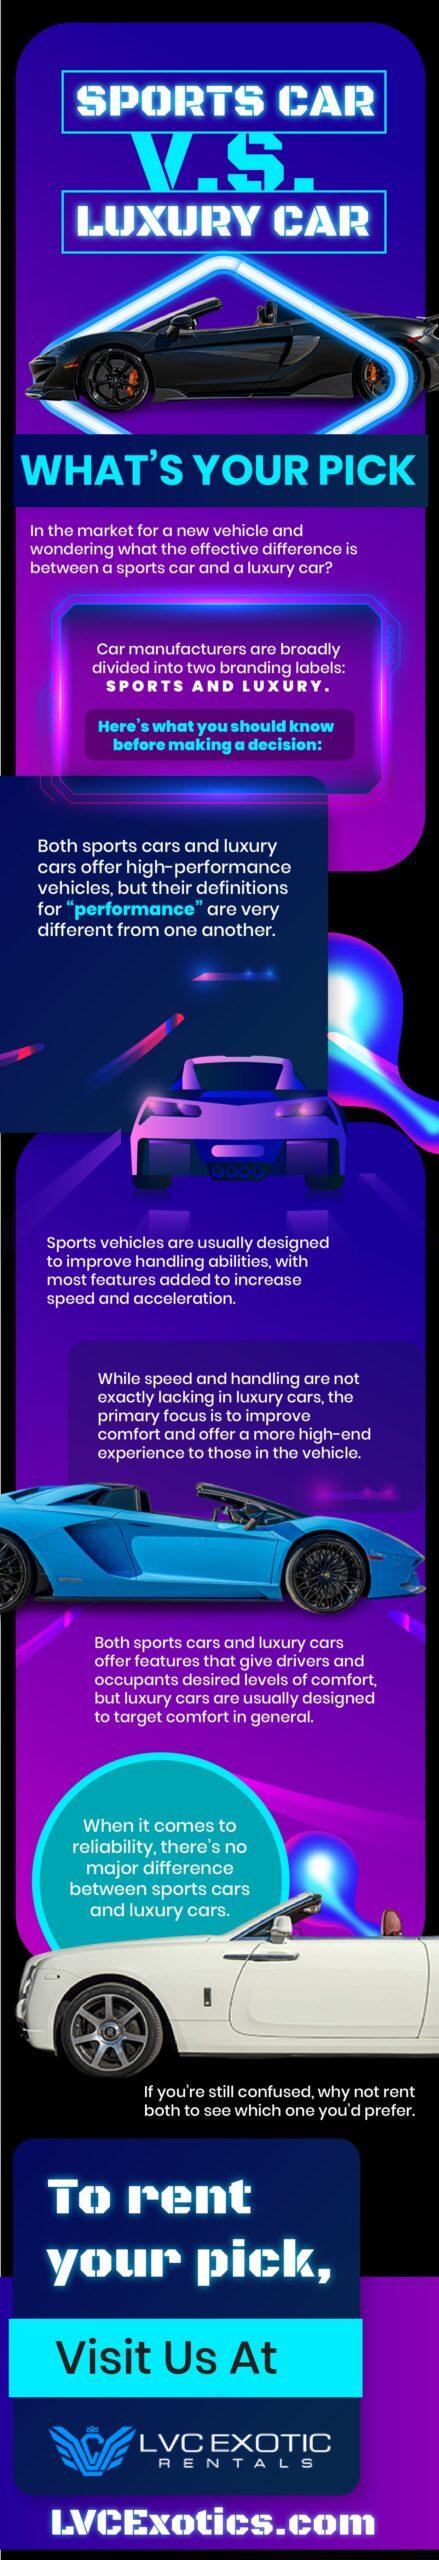 Sports Car VS Luxury Car